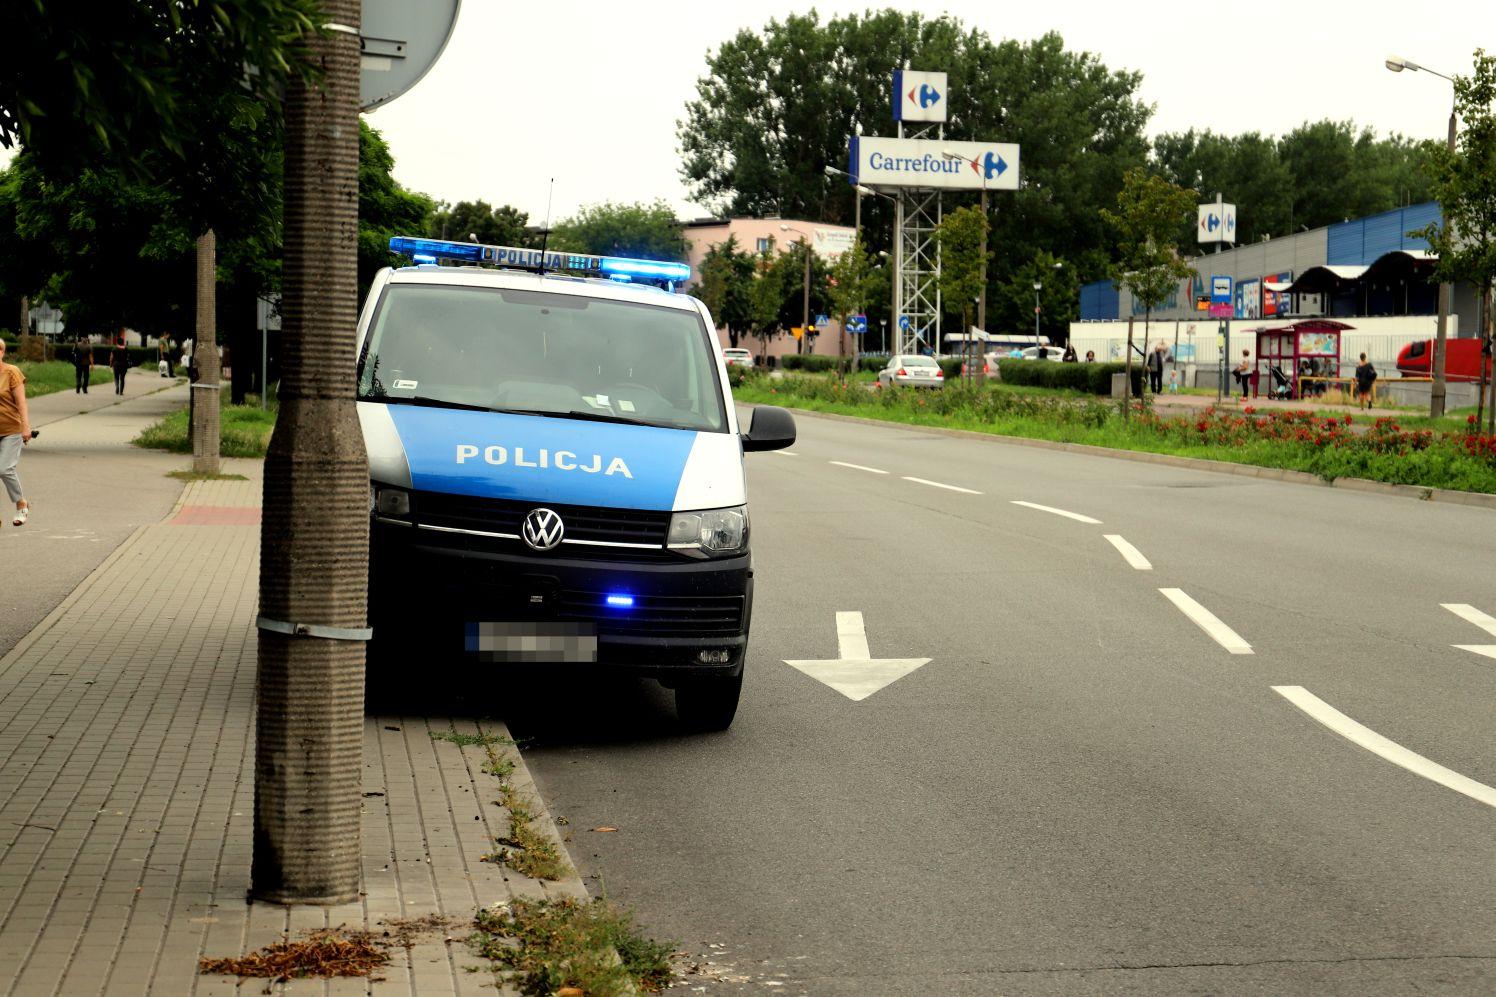 Śmiertelny wypadek w Kutnie. Policja szuka świadków - Zdjęcie główne